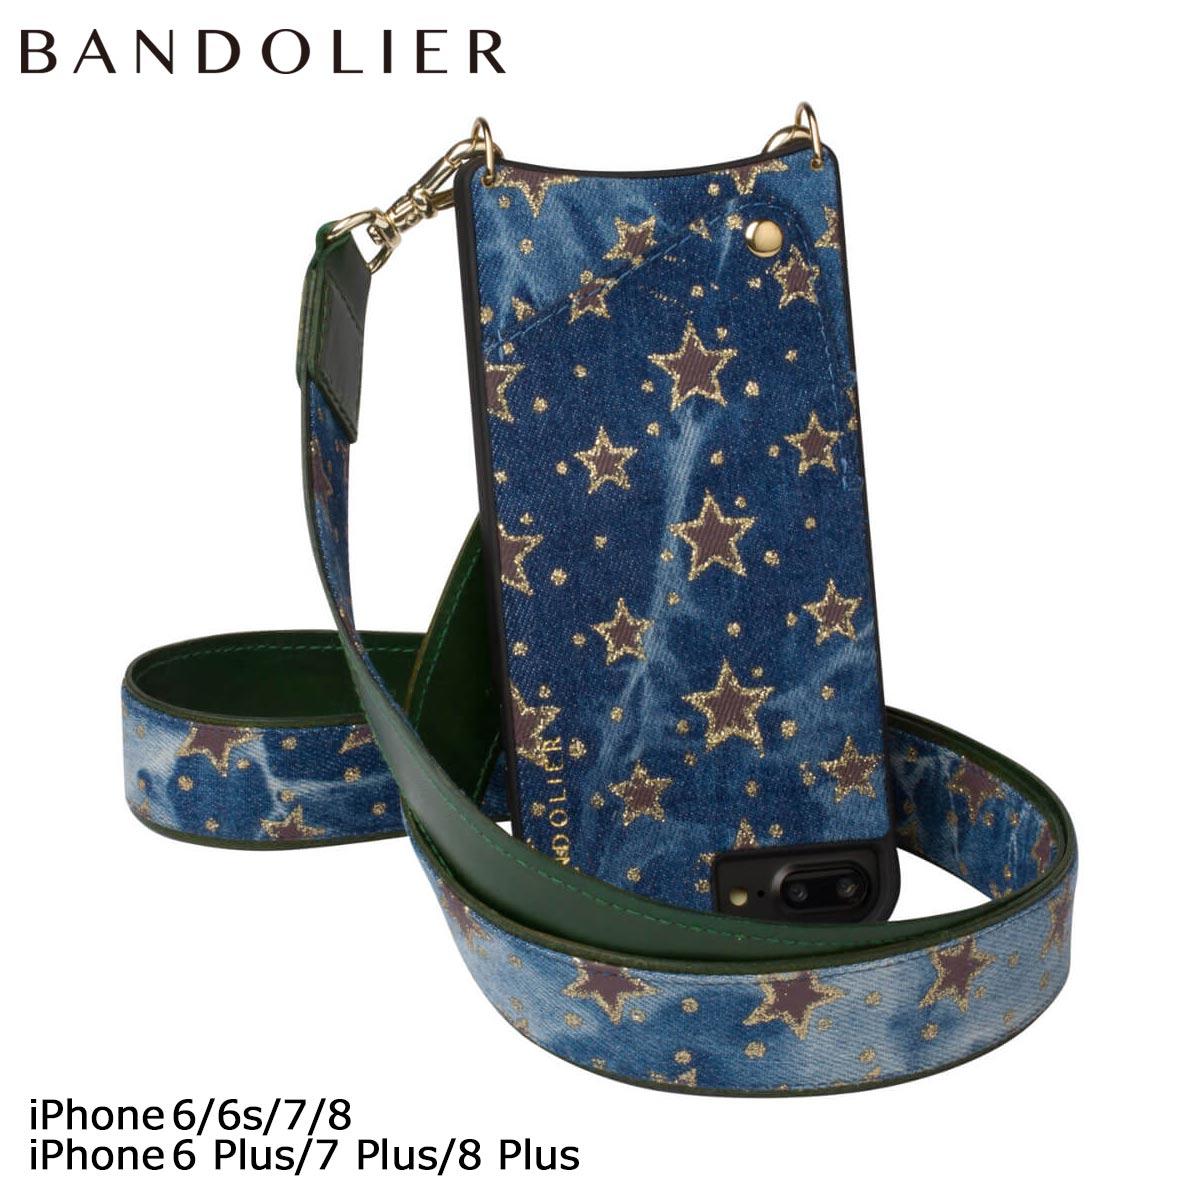 BANDOLIER ANGELA バンドリヤー iPhone8 iPhone7 7Plus 6s ケース スマホ アイフォン プラス FALL 17 レザー デニム メンズ レディース